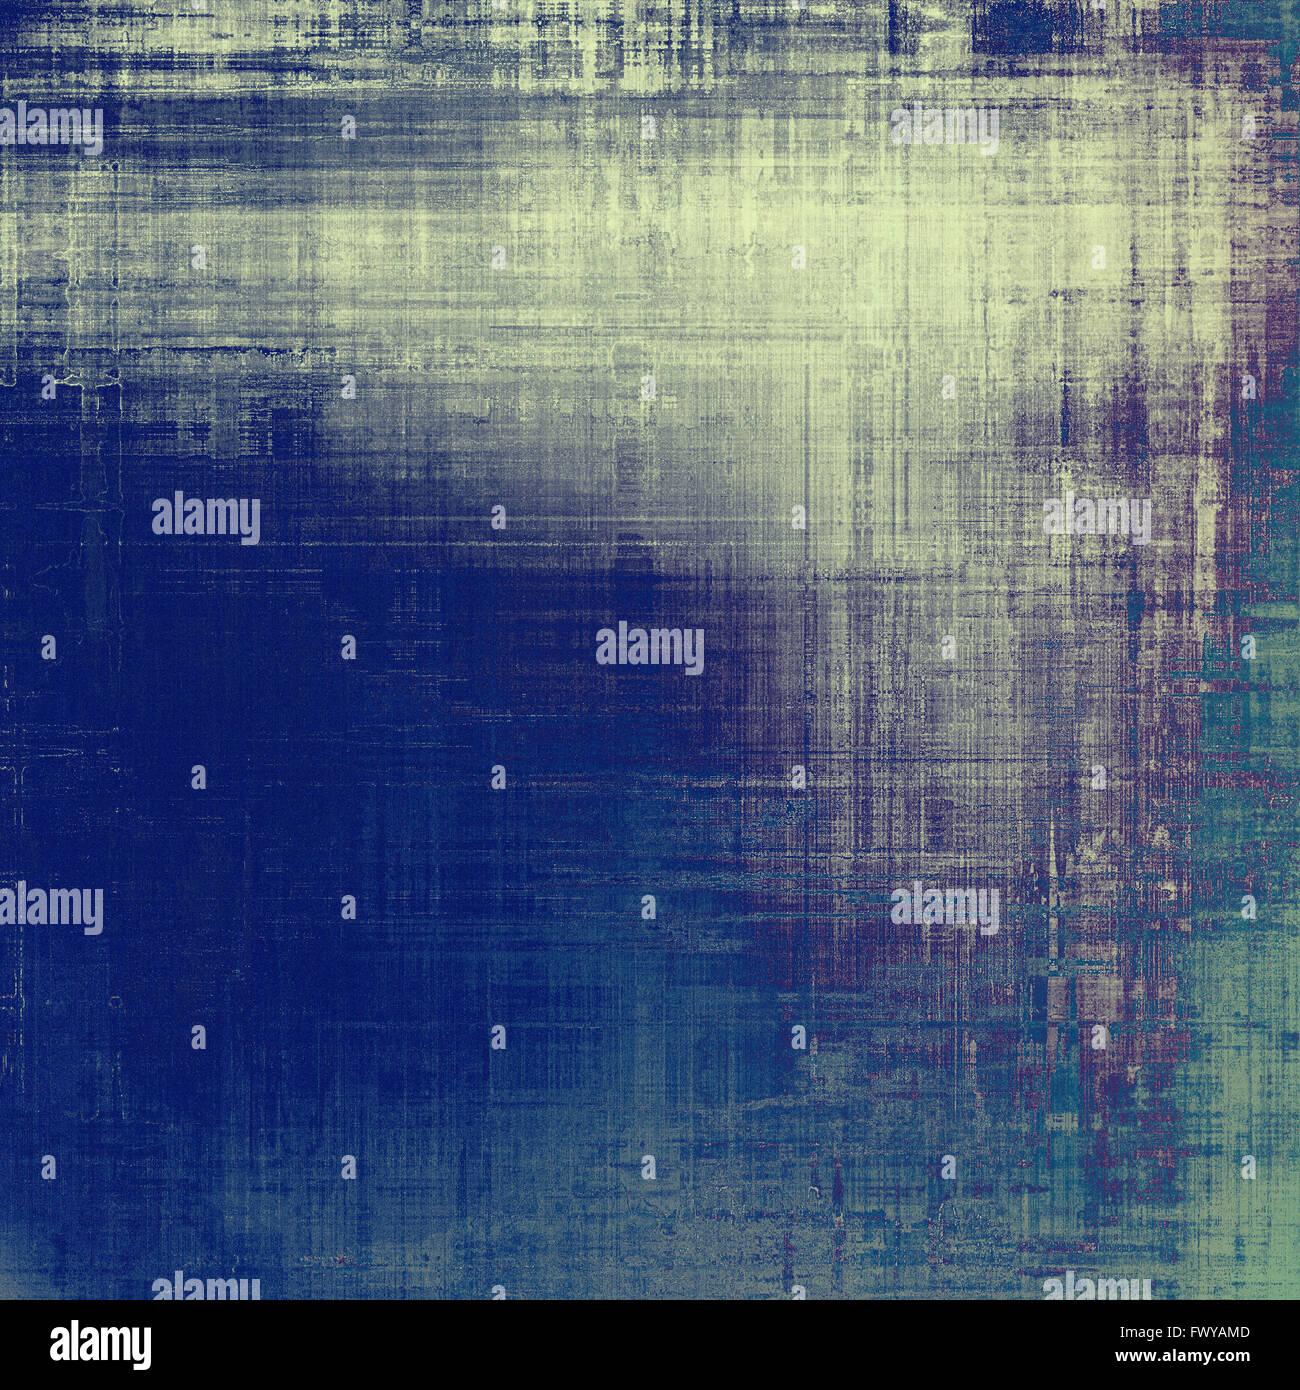 old grunge texture antique. avec différents motifs couleur : bleu